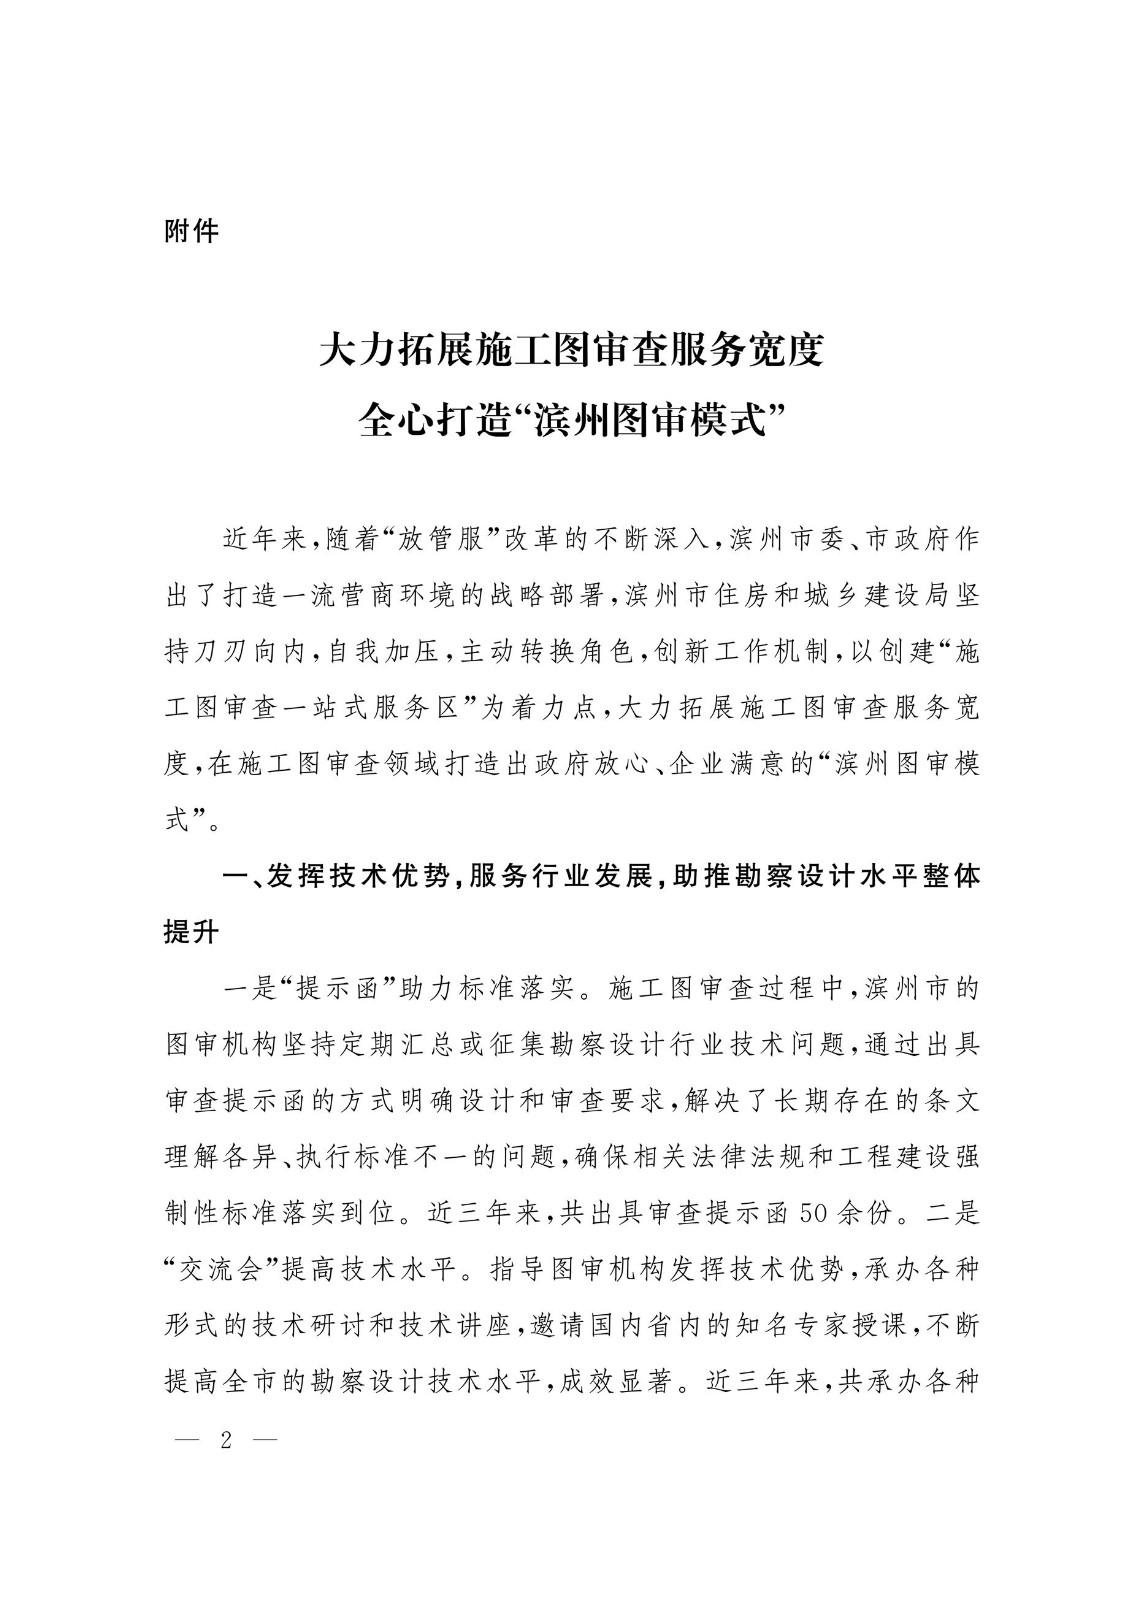 山东省住房和城乡建设厅关于印发滨州市施工图审查服务经验做法的通知_2.jpg